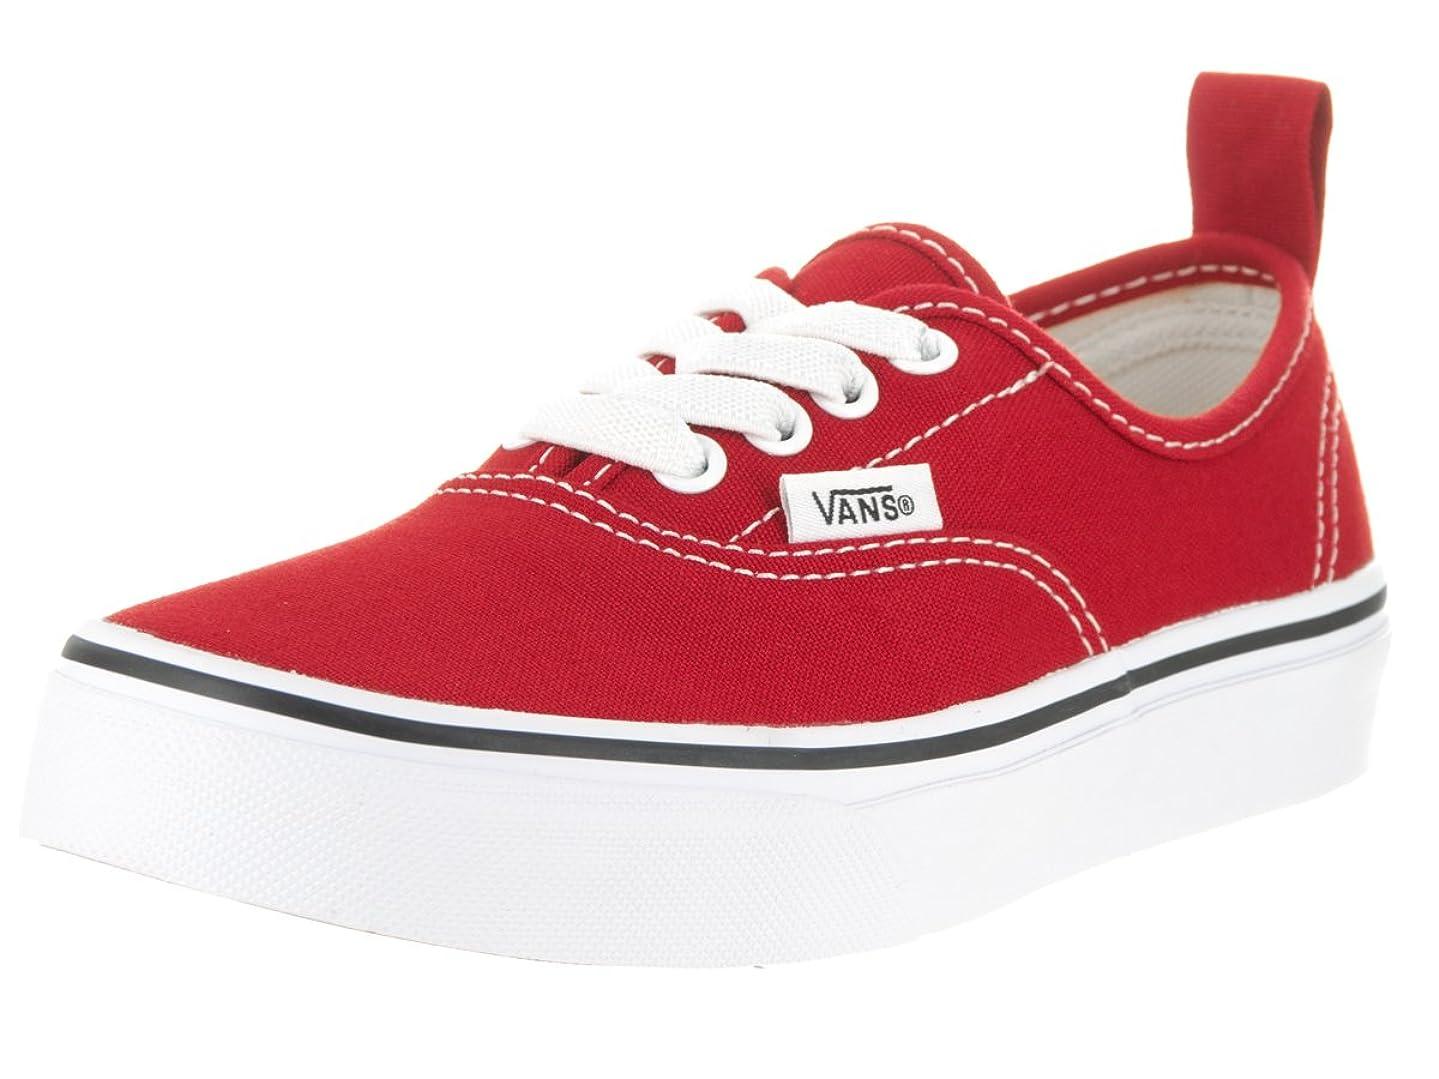 Vans Kids Authentic Elastic Skate Shoes